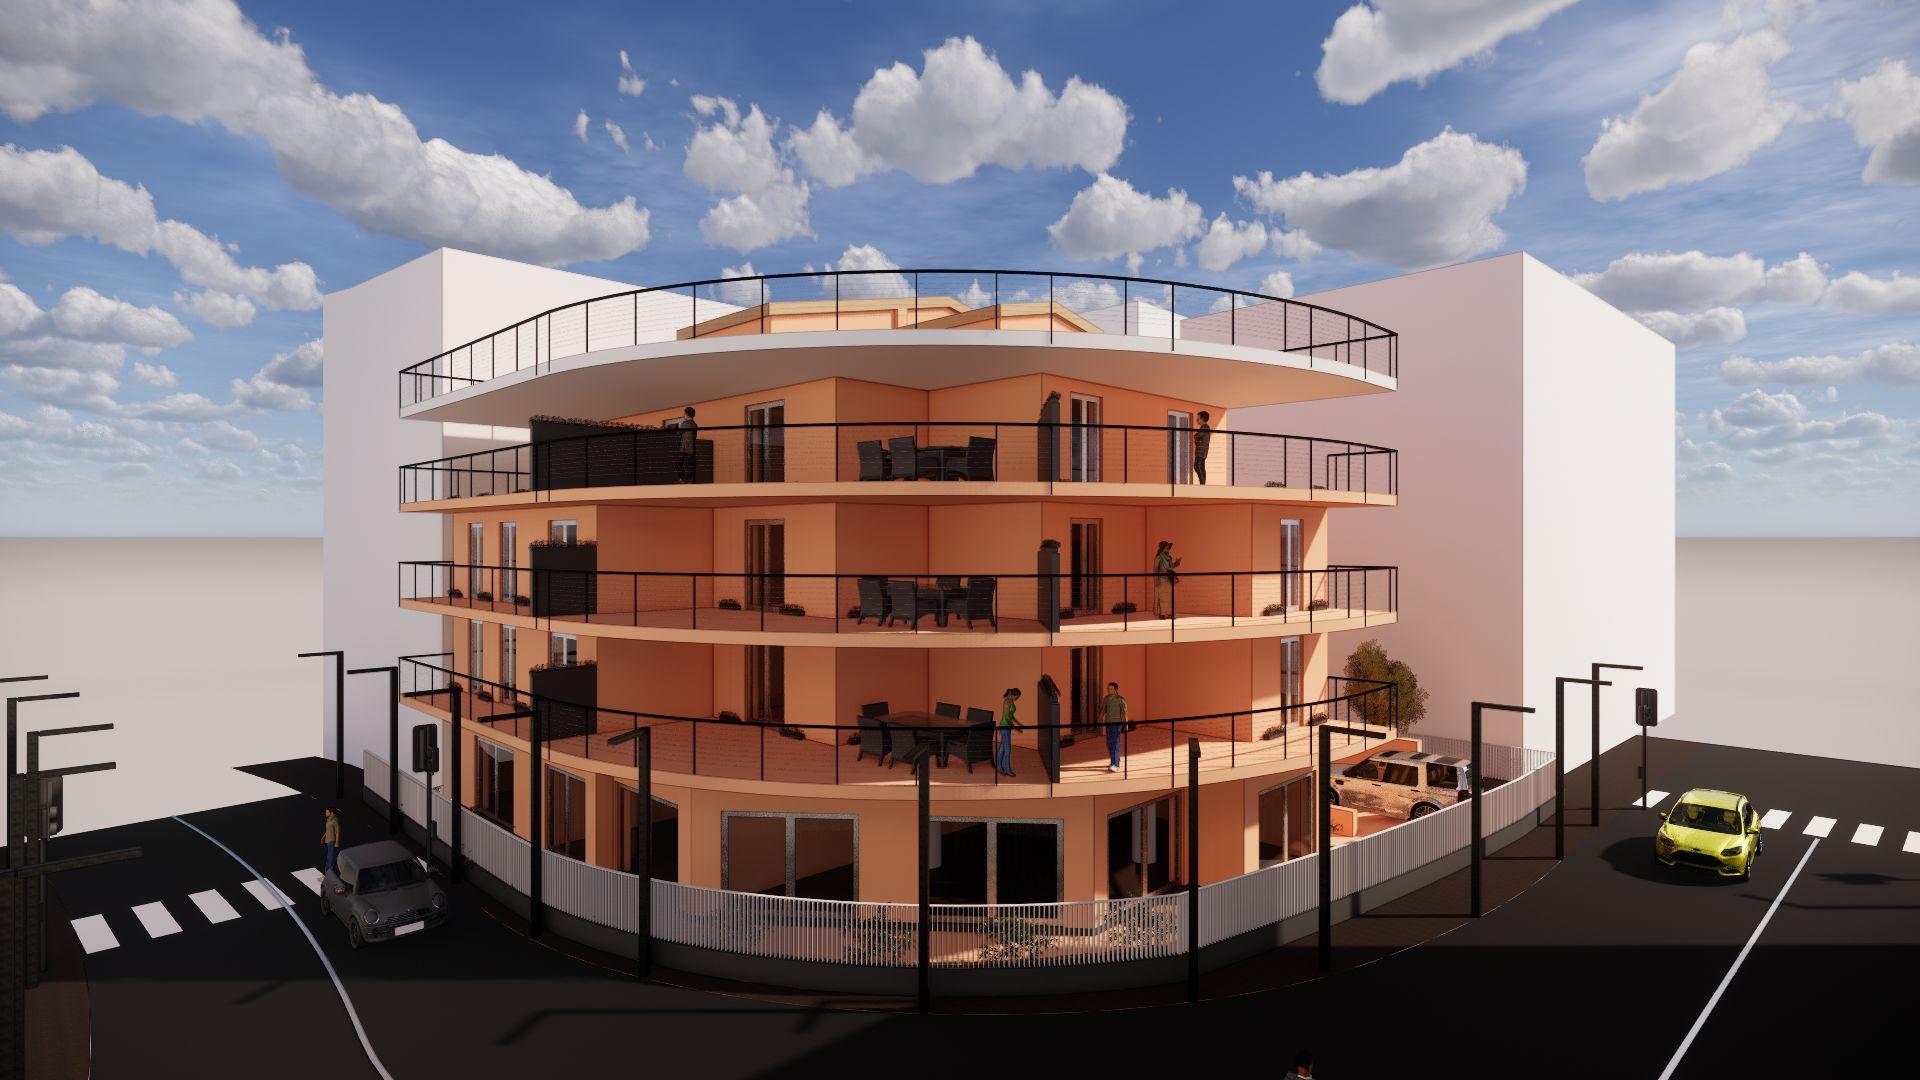 Enscape-2020-01-14-22-08-19-3500-3500